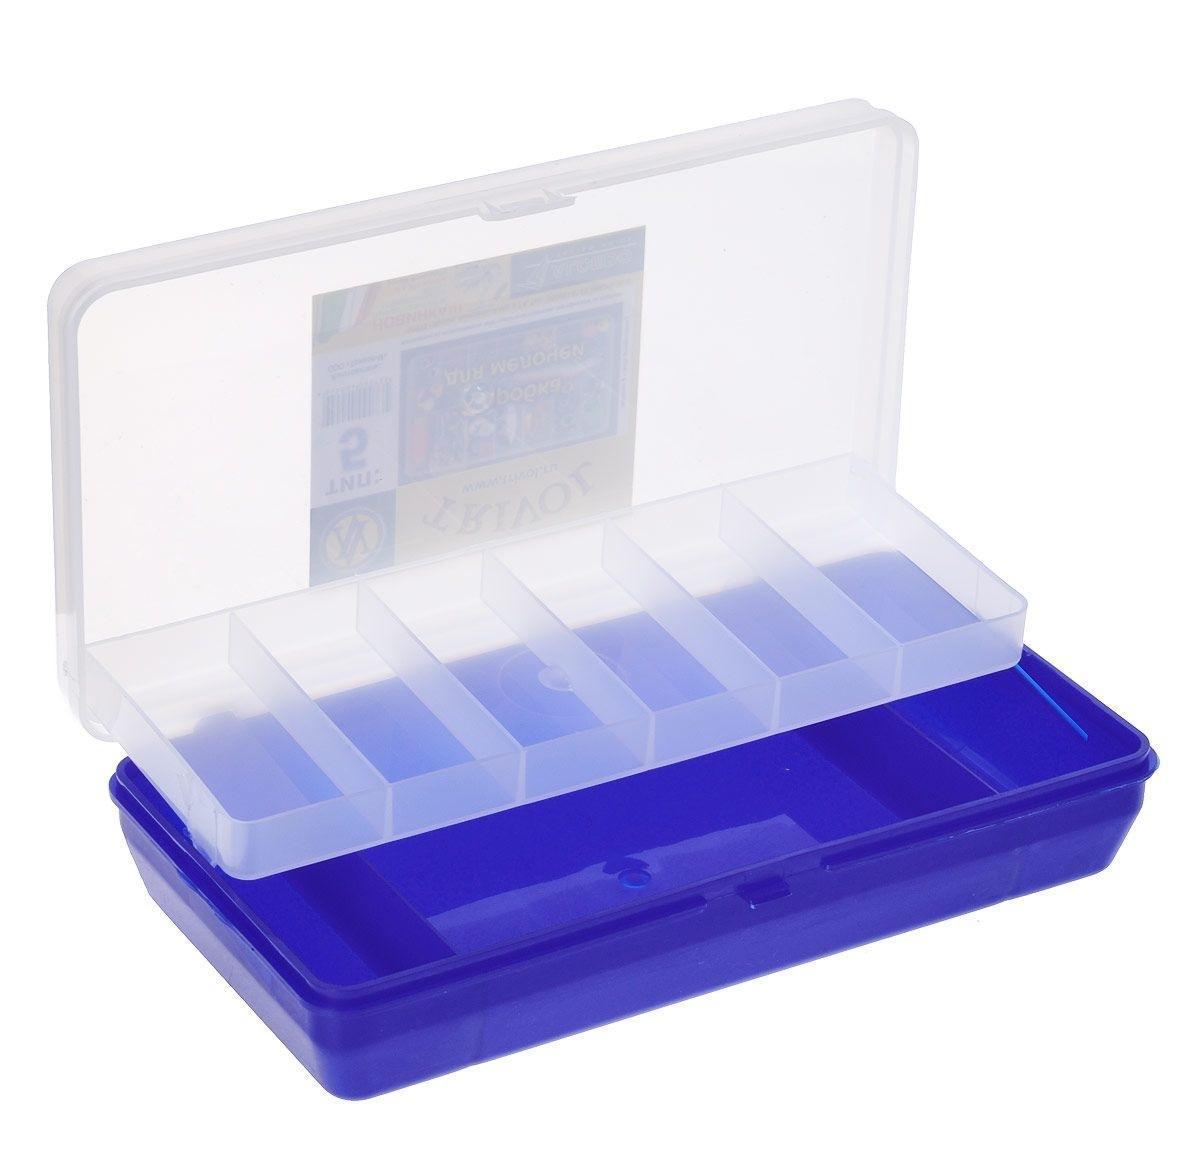 Коробка для мелочей Trivol, двухъярусная, с микролифтом, цвет: прозрачный, синий, 21 х 11 х 4,5 см525826Коробка для мелочей Trivol изготовлена из высококачественного пластика. Прозрачная крышка позволяет видеть содержимое коробки. Изделие имеет два яруса. Верхний ярус представляет собой съемное отделение, в котором содержится 6 прямоугольных ячеек. Нижний ярус имеет 3 ячейки разного размера. Коробка прекрасно подойдет для хранения швейных принадлежностей, рыболовных снастей, мелких деталей и других бытовых мелочей. Удобный замок-защелка обеспечивает надежное закрывание крышки. Коробка легко моется и чистится. Такая коробка поможет держать вещи в порядке. Размер малой ячейки: 3,5 х 8 х 1,5 см. Размер большой ячейки: 14 х 11 х 2,6 см.